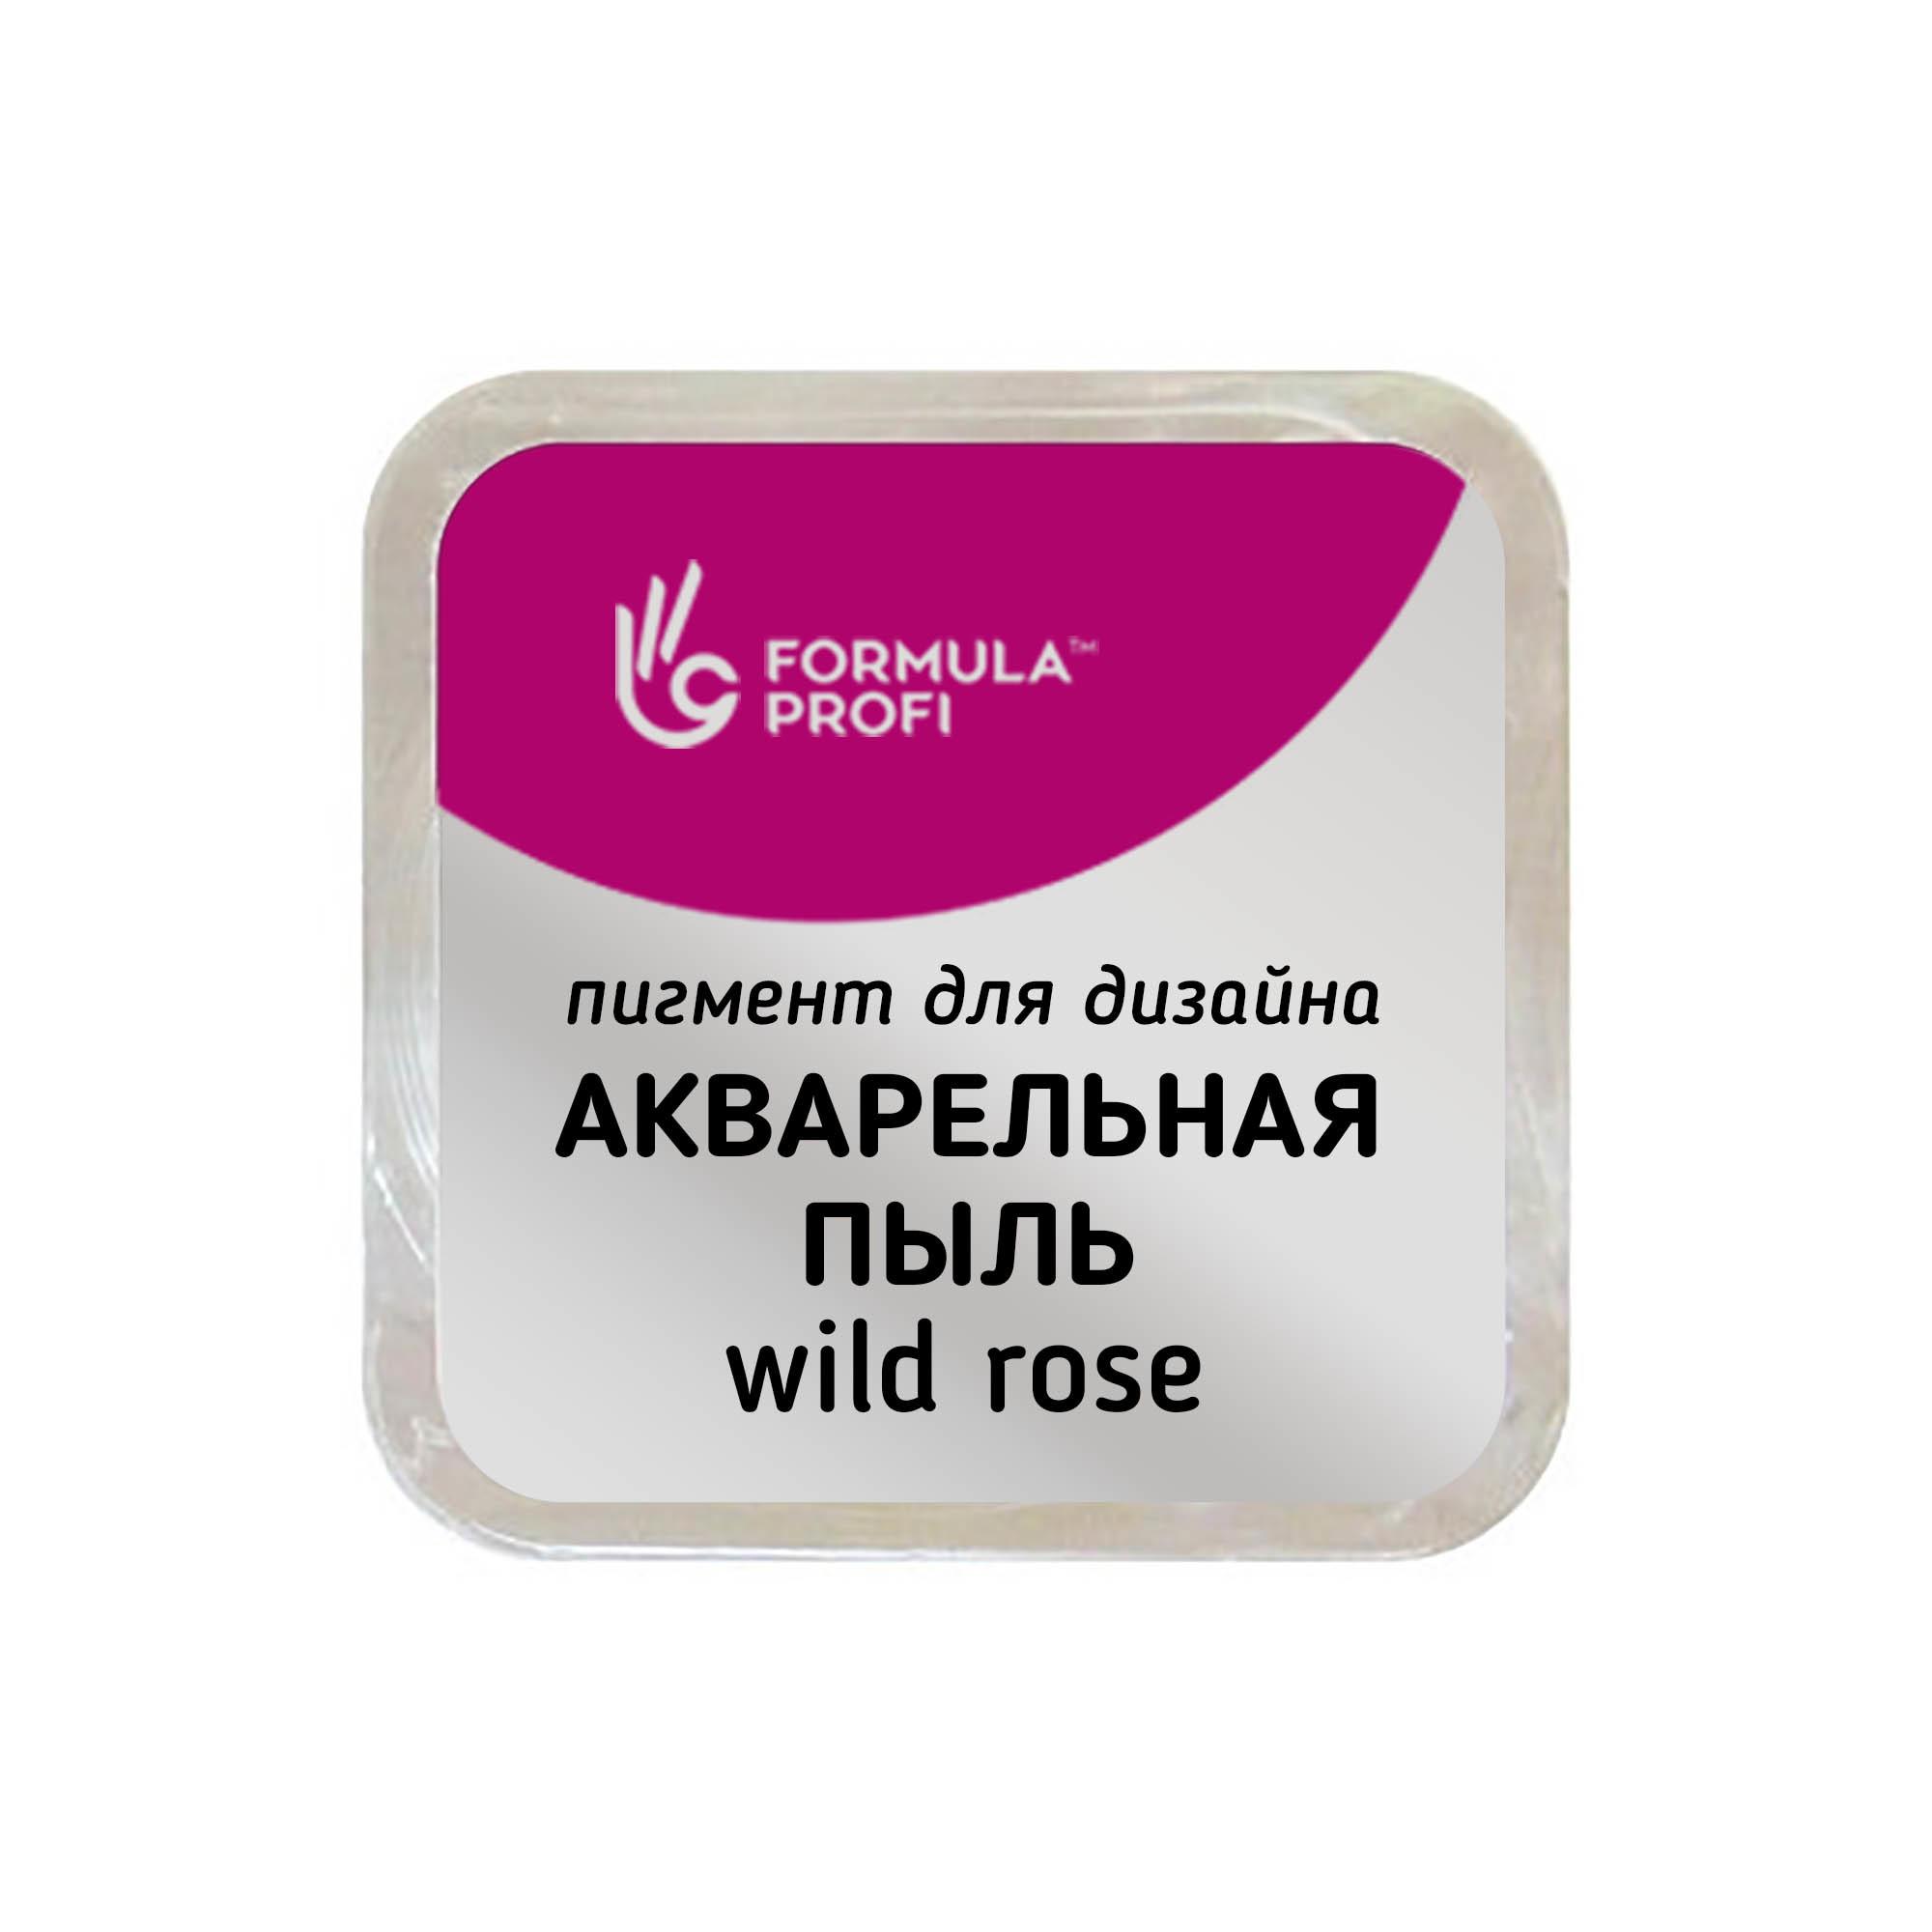 Формула Профи, Пигмент для дизайна Акварельная пыль №02, цв. wild rose, 1.5 гр.